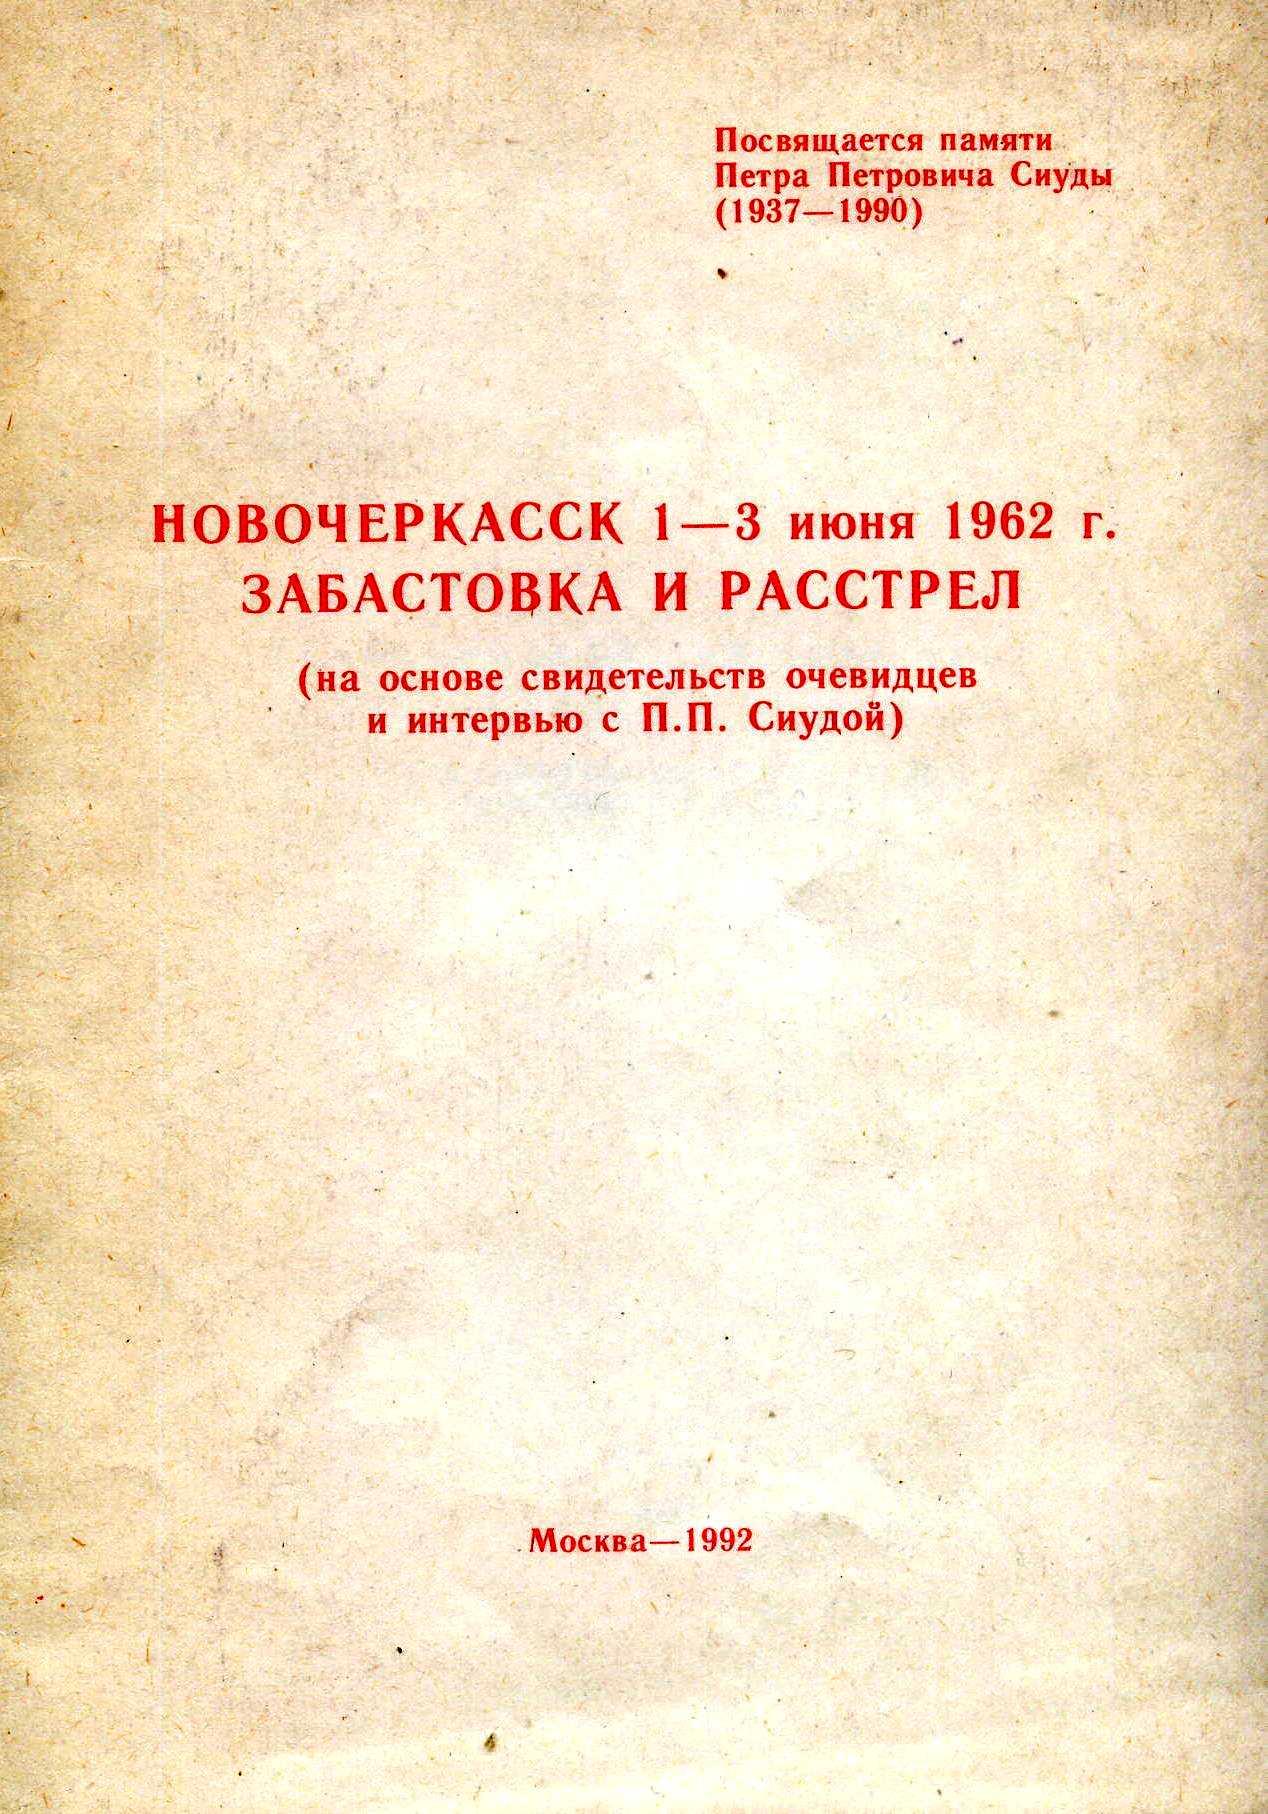 Portada de l'informe de Siuda publicat en 1992 a Moscou